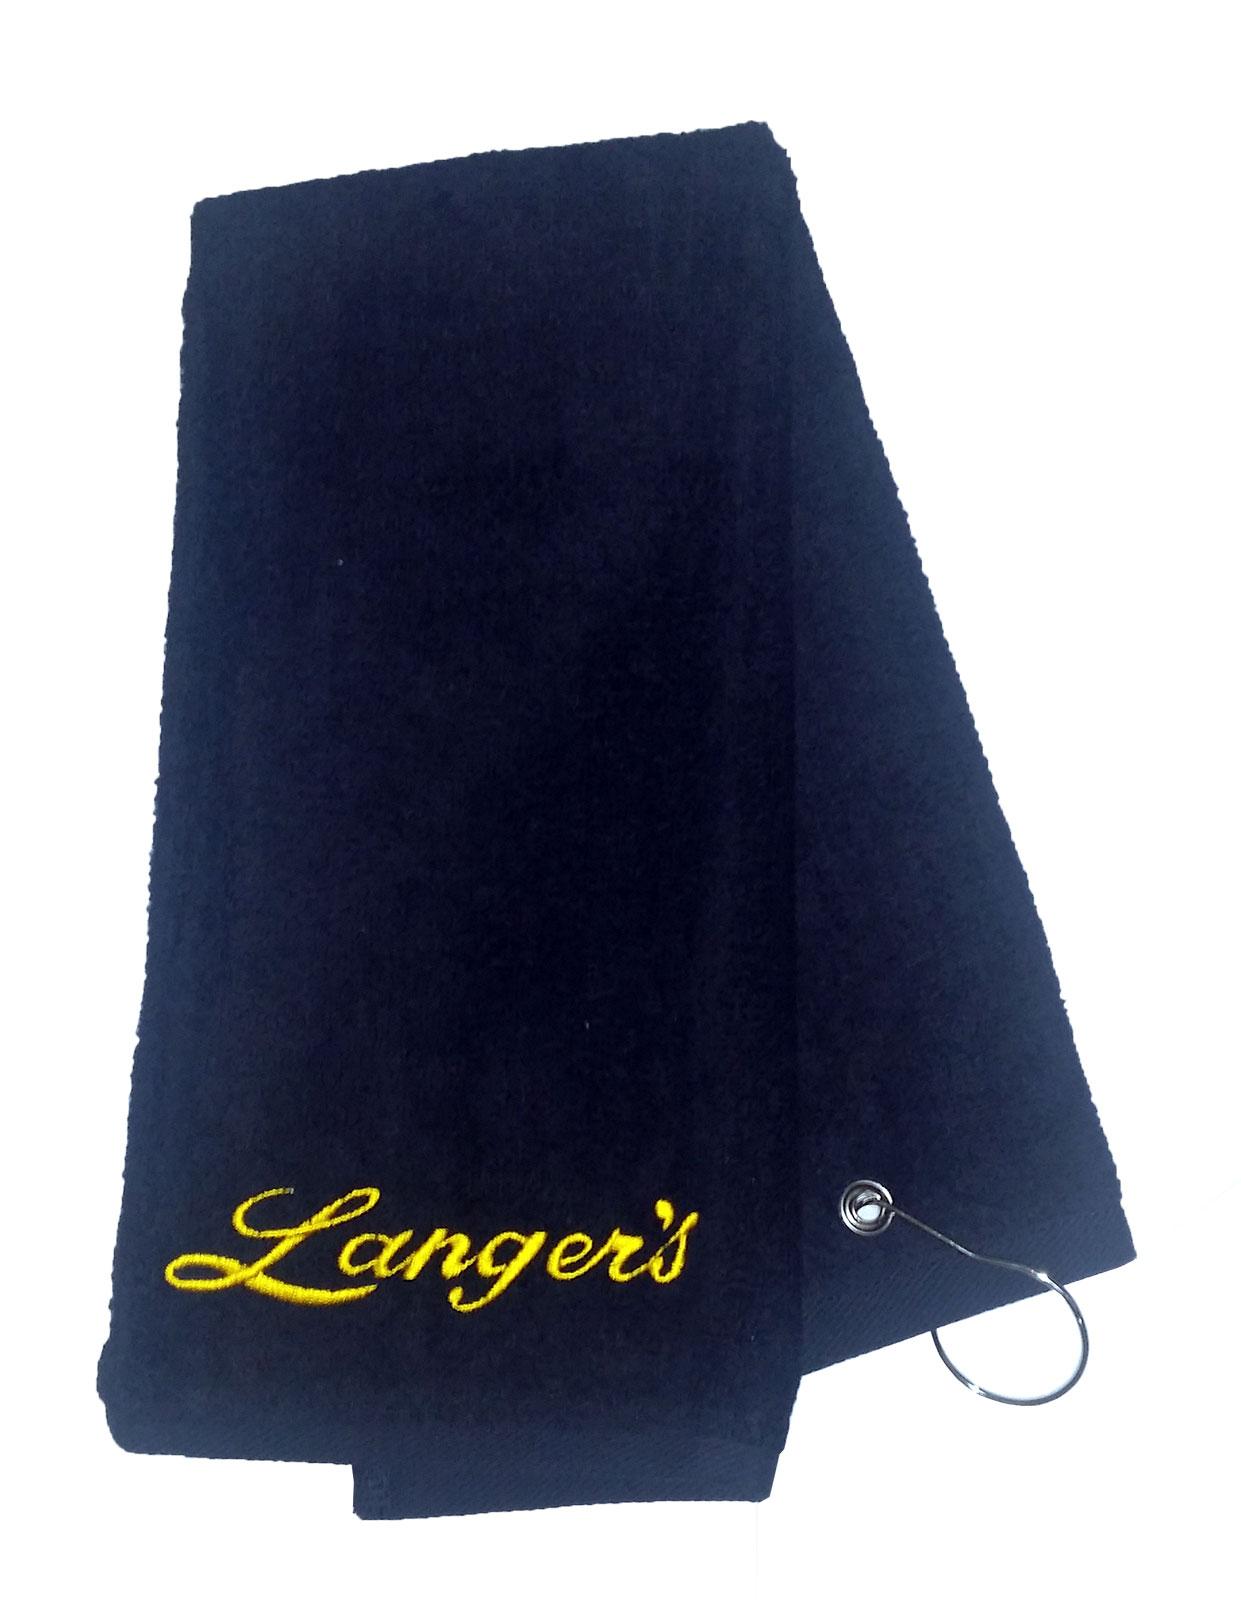 Langer's embroidered golf towel